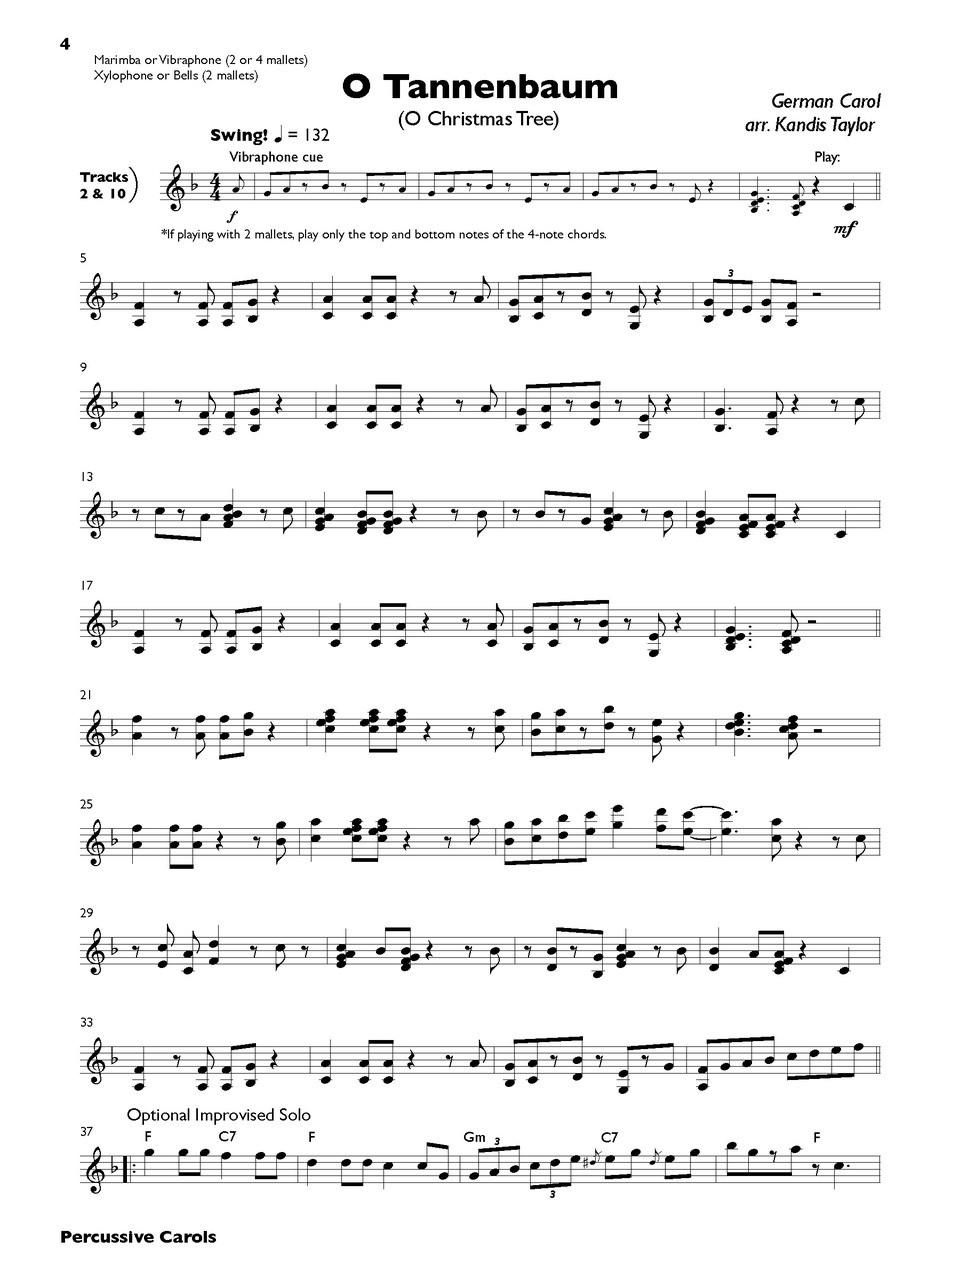 Percussive Carols - C. Alan Publications